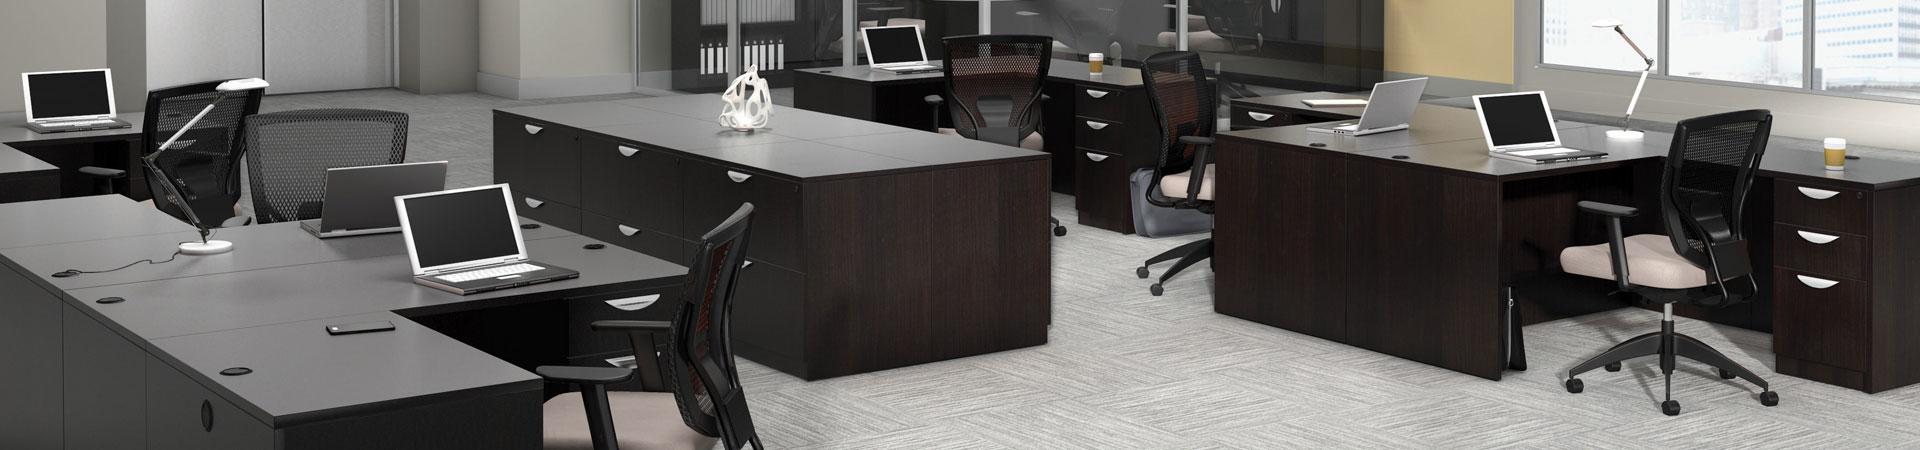 طراحی دکوراسیون محل کار شما